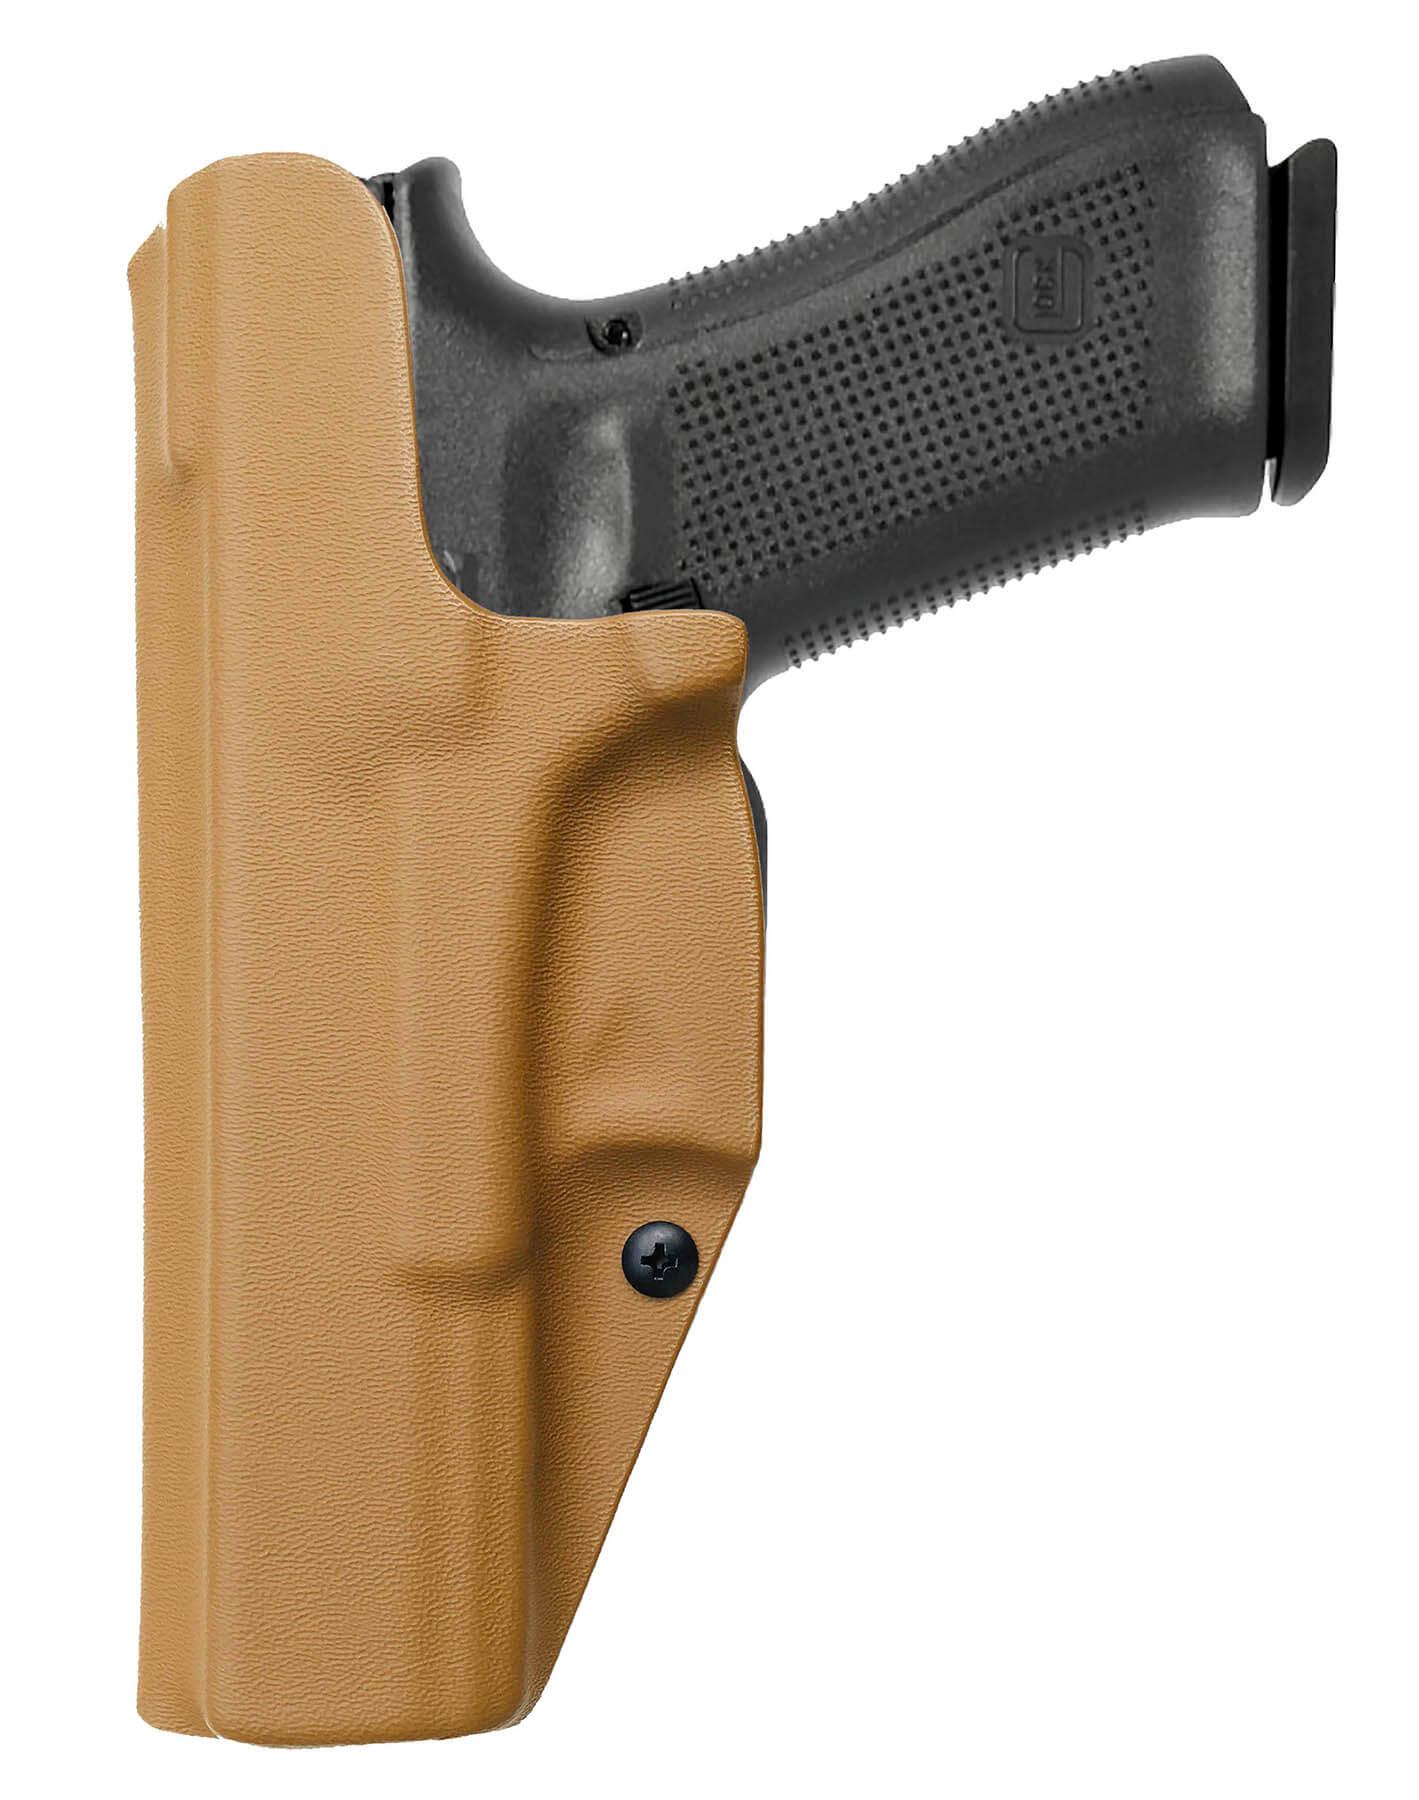 Coldre Slim [G17] [G22] Glock Saque Rápido Velado Kydex® 080 - Coyote Brown / Areia